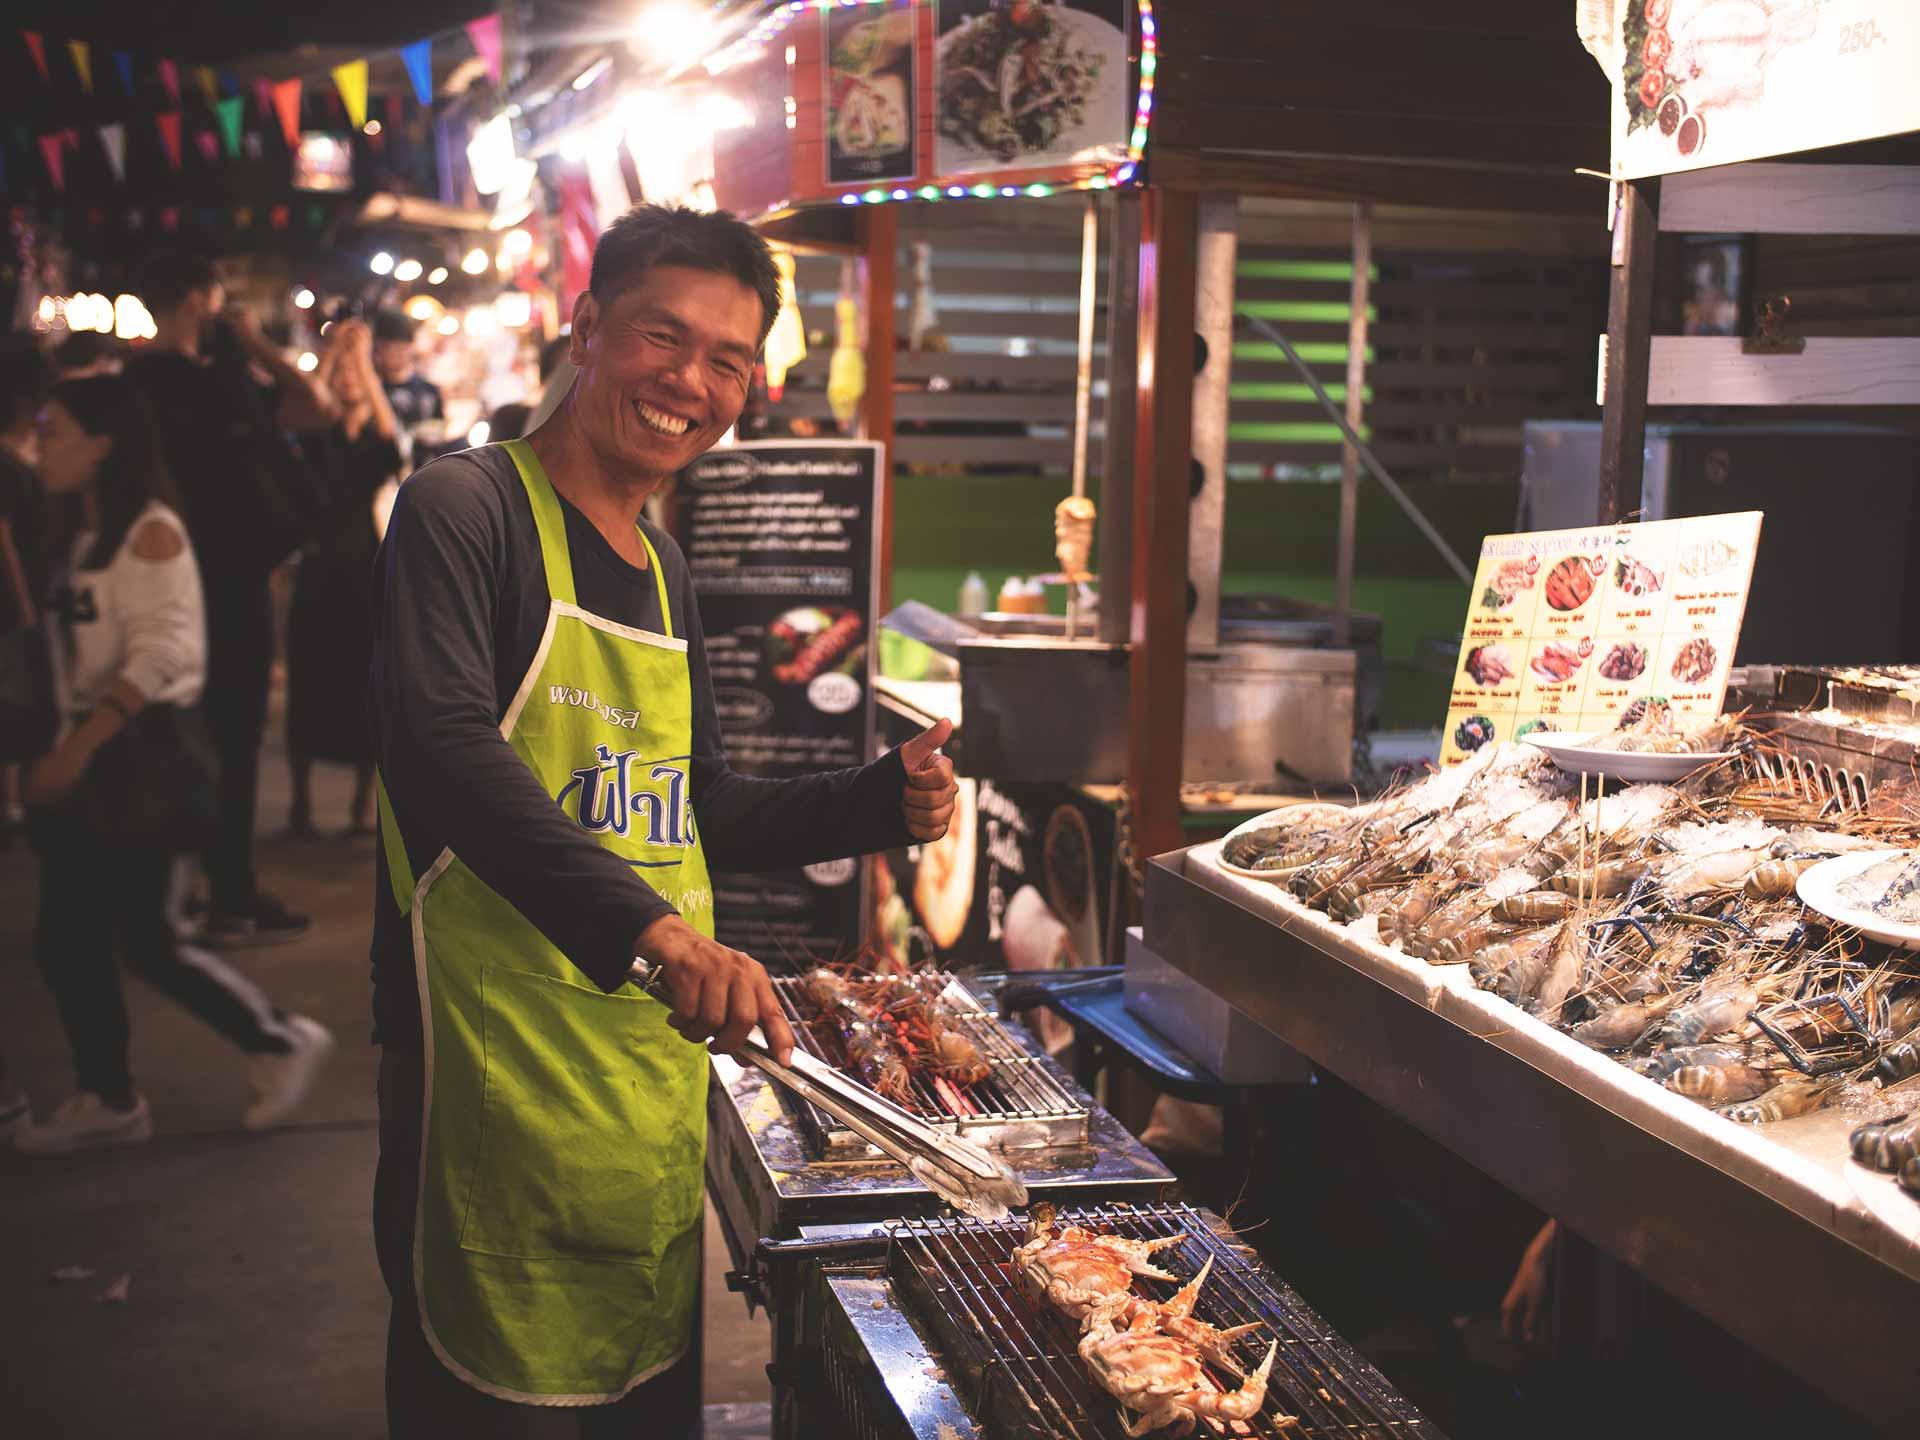 Thailänder mit großem Lächeln an einem Essensstand am Nachtmarkt in Chiang Mai